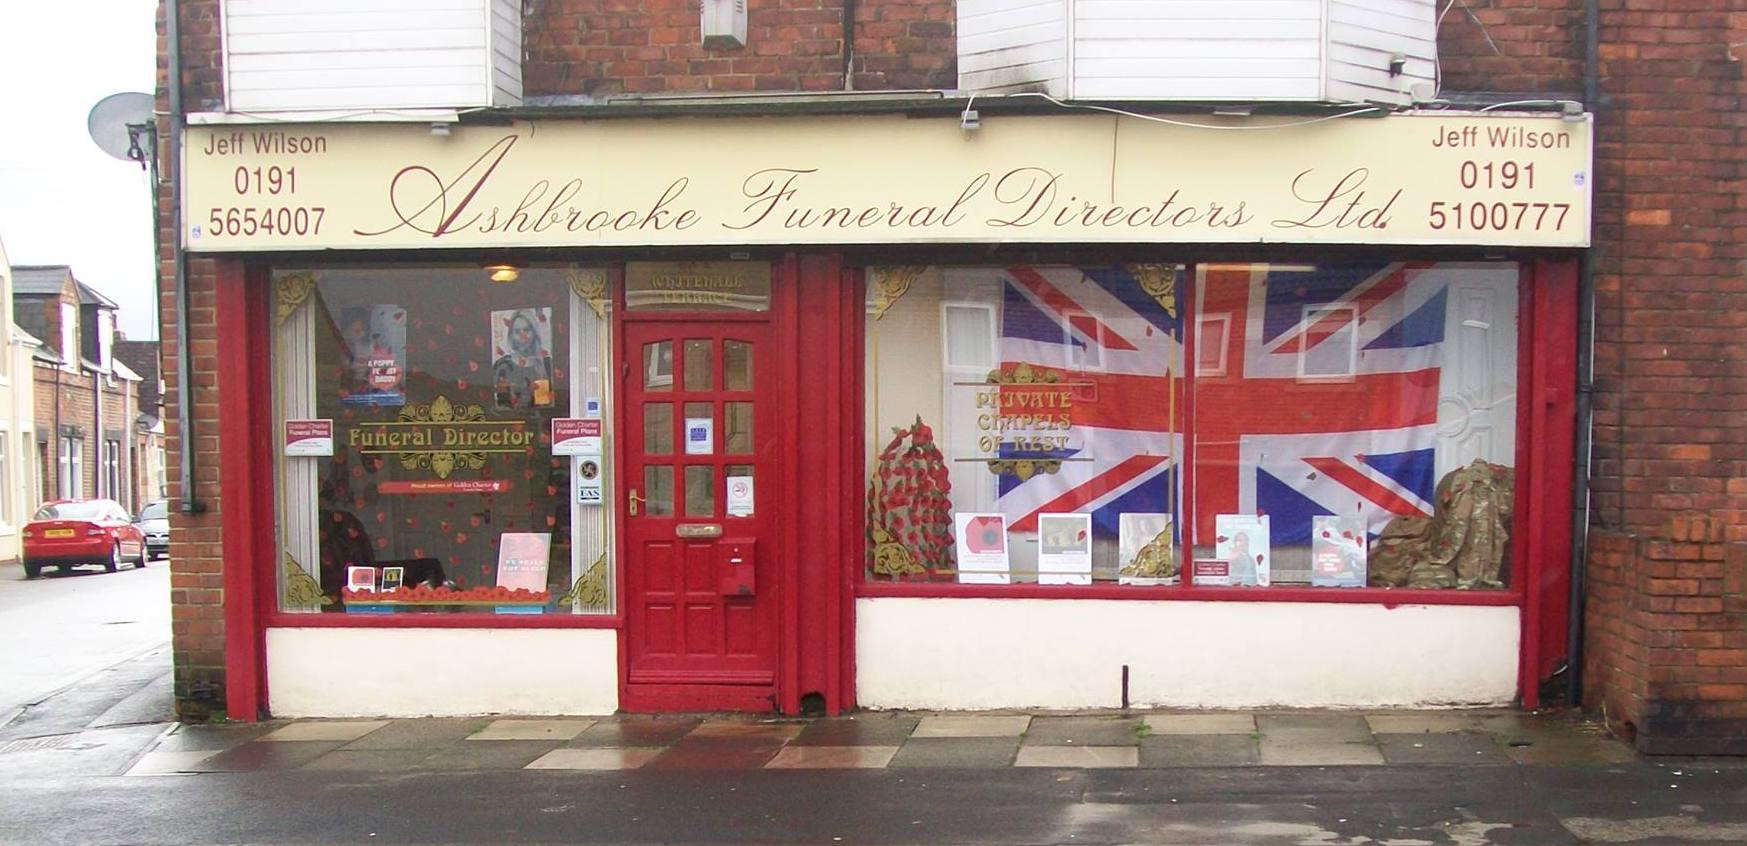 Ashbrooke Funeral Directors Sunderland